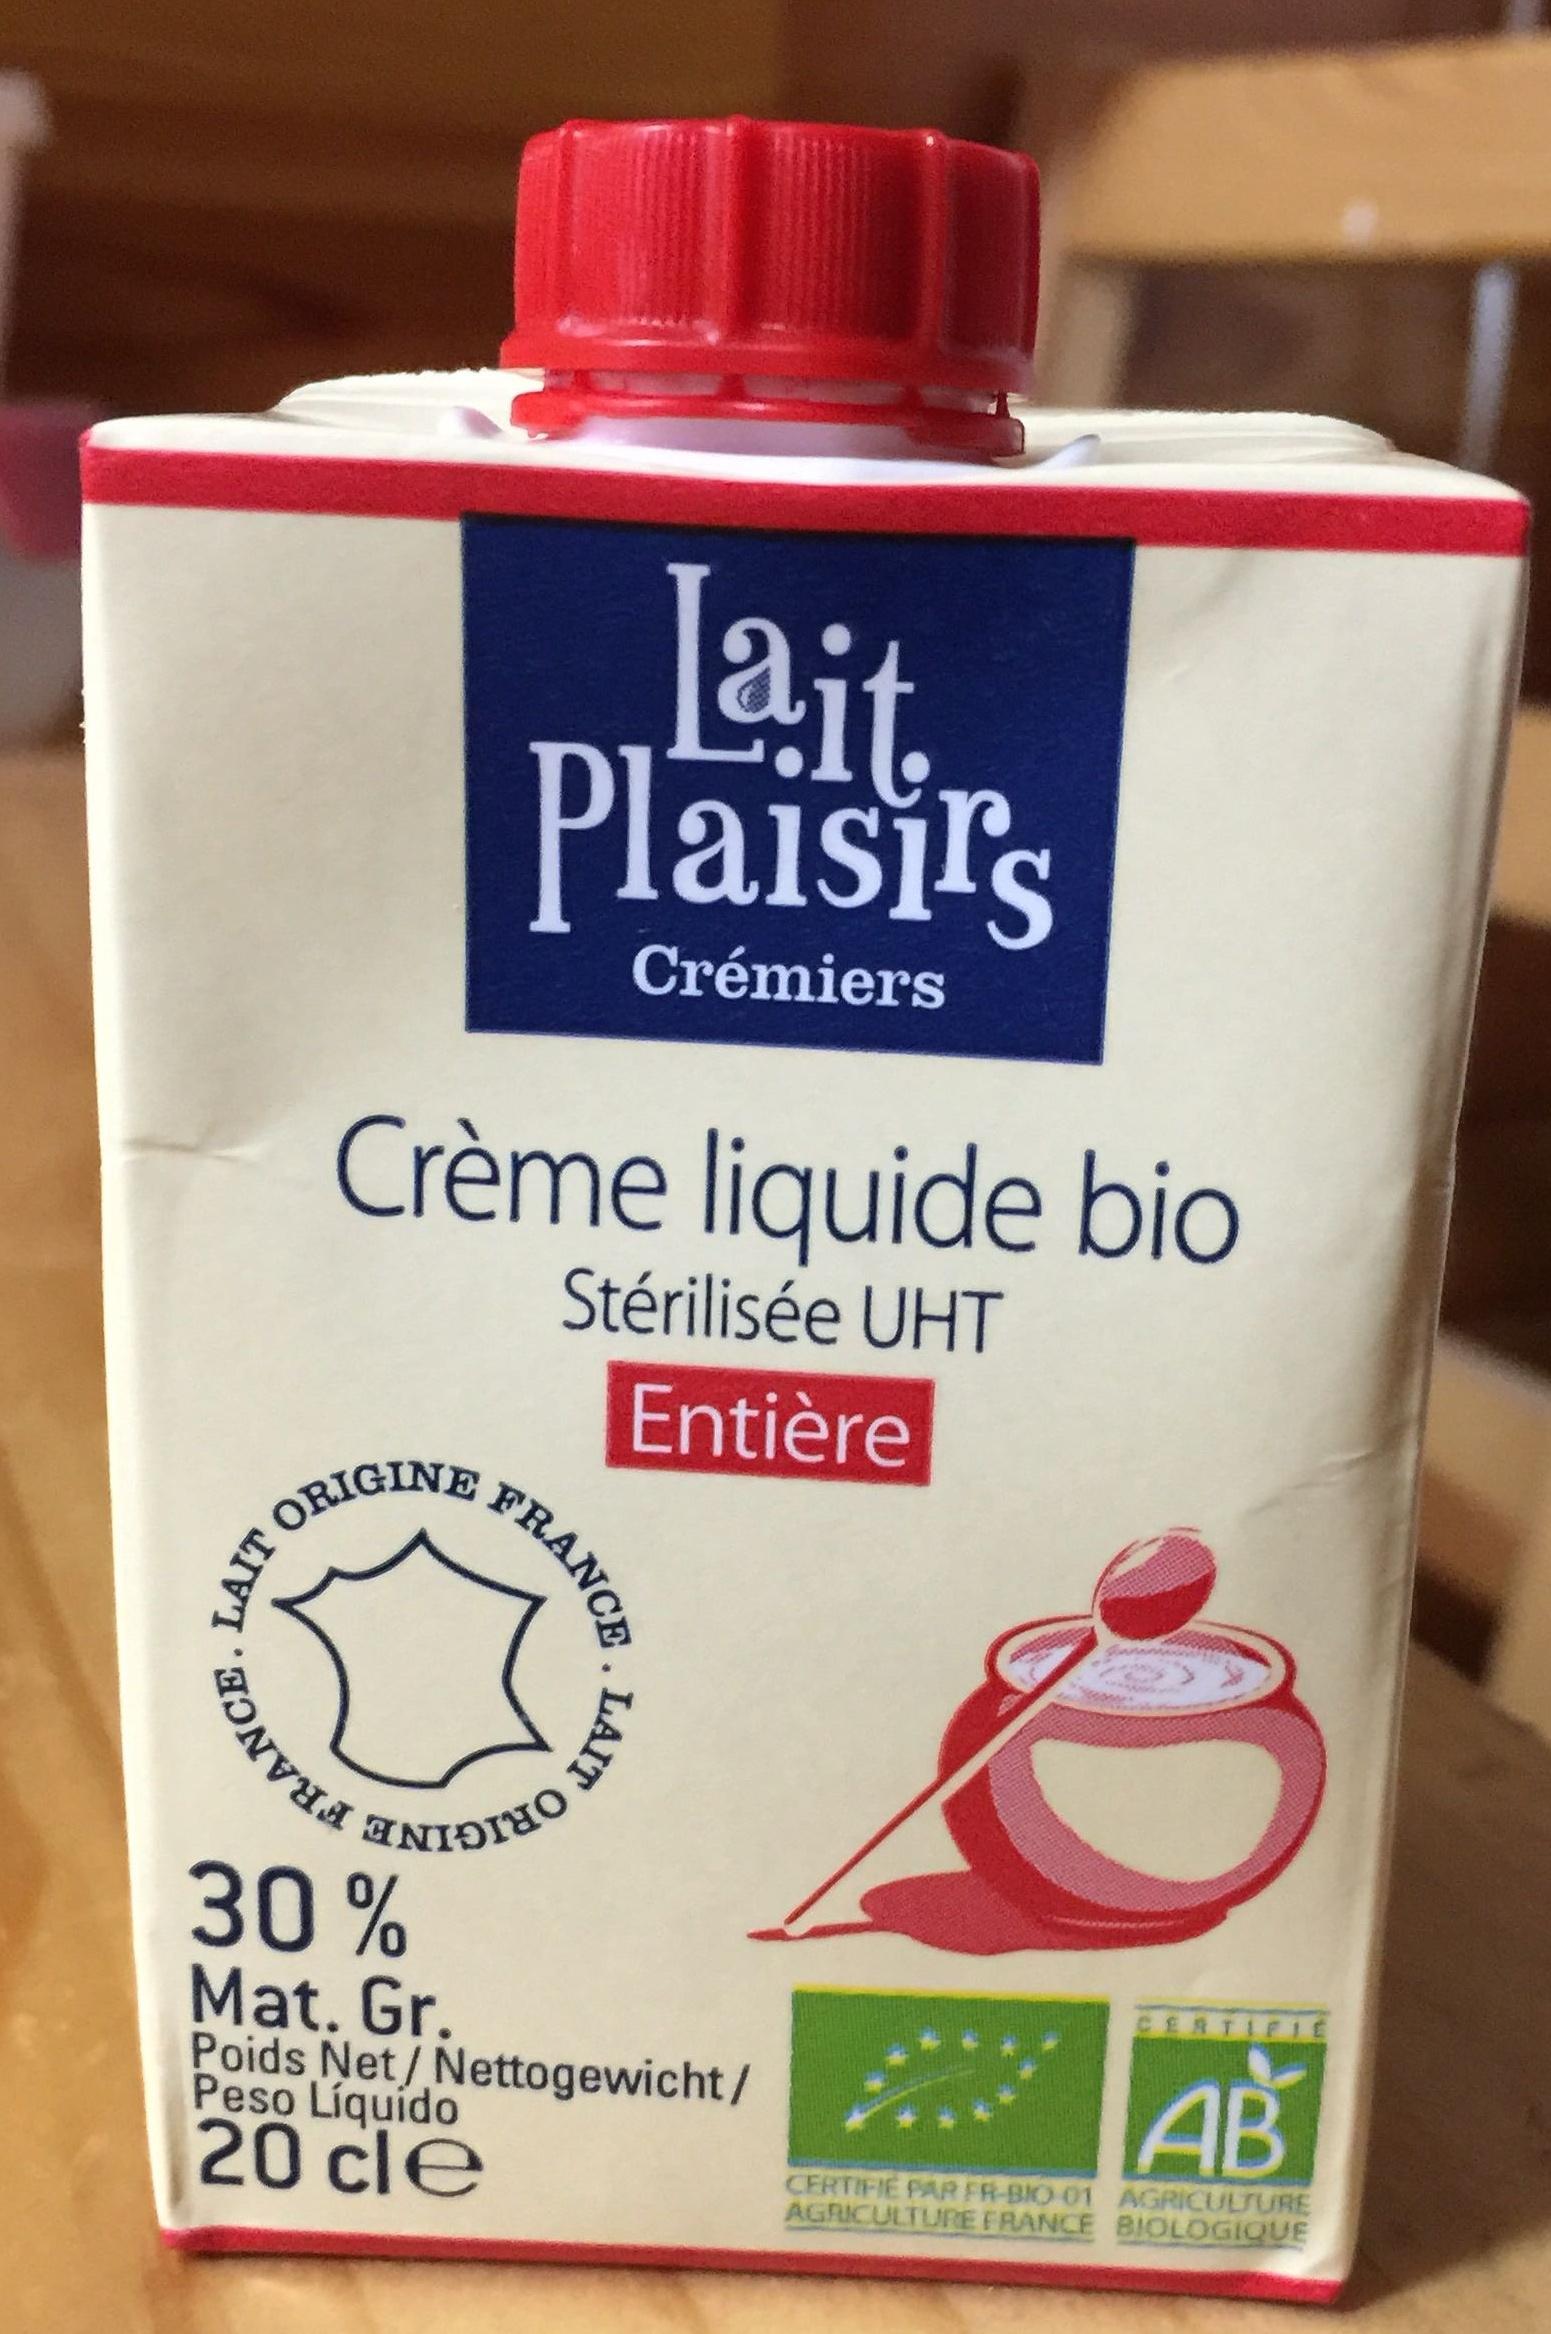 Crème liquide bio, Stérilisé UHT, Entière (30 % MG) - Product